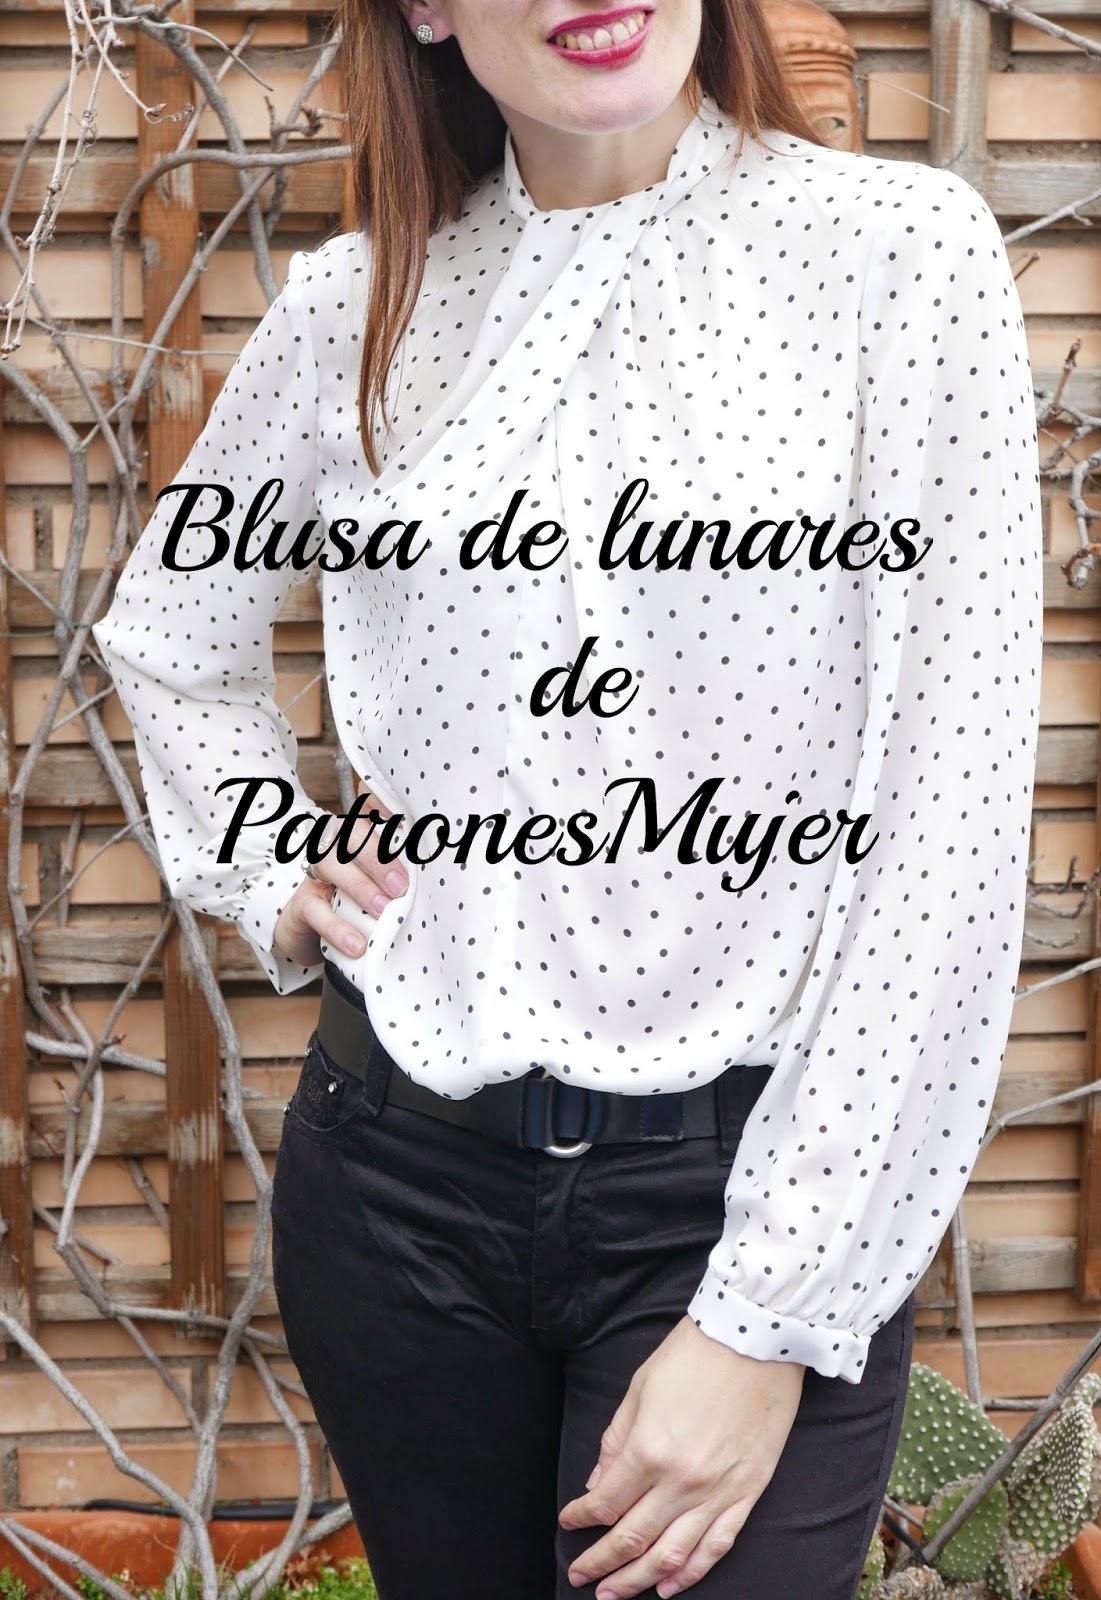 Blusa de lunares de patrones mujer ~ Moda en la Costura